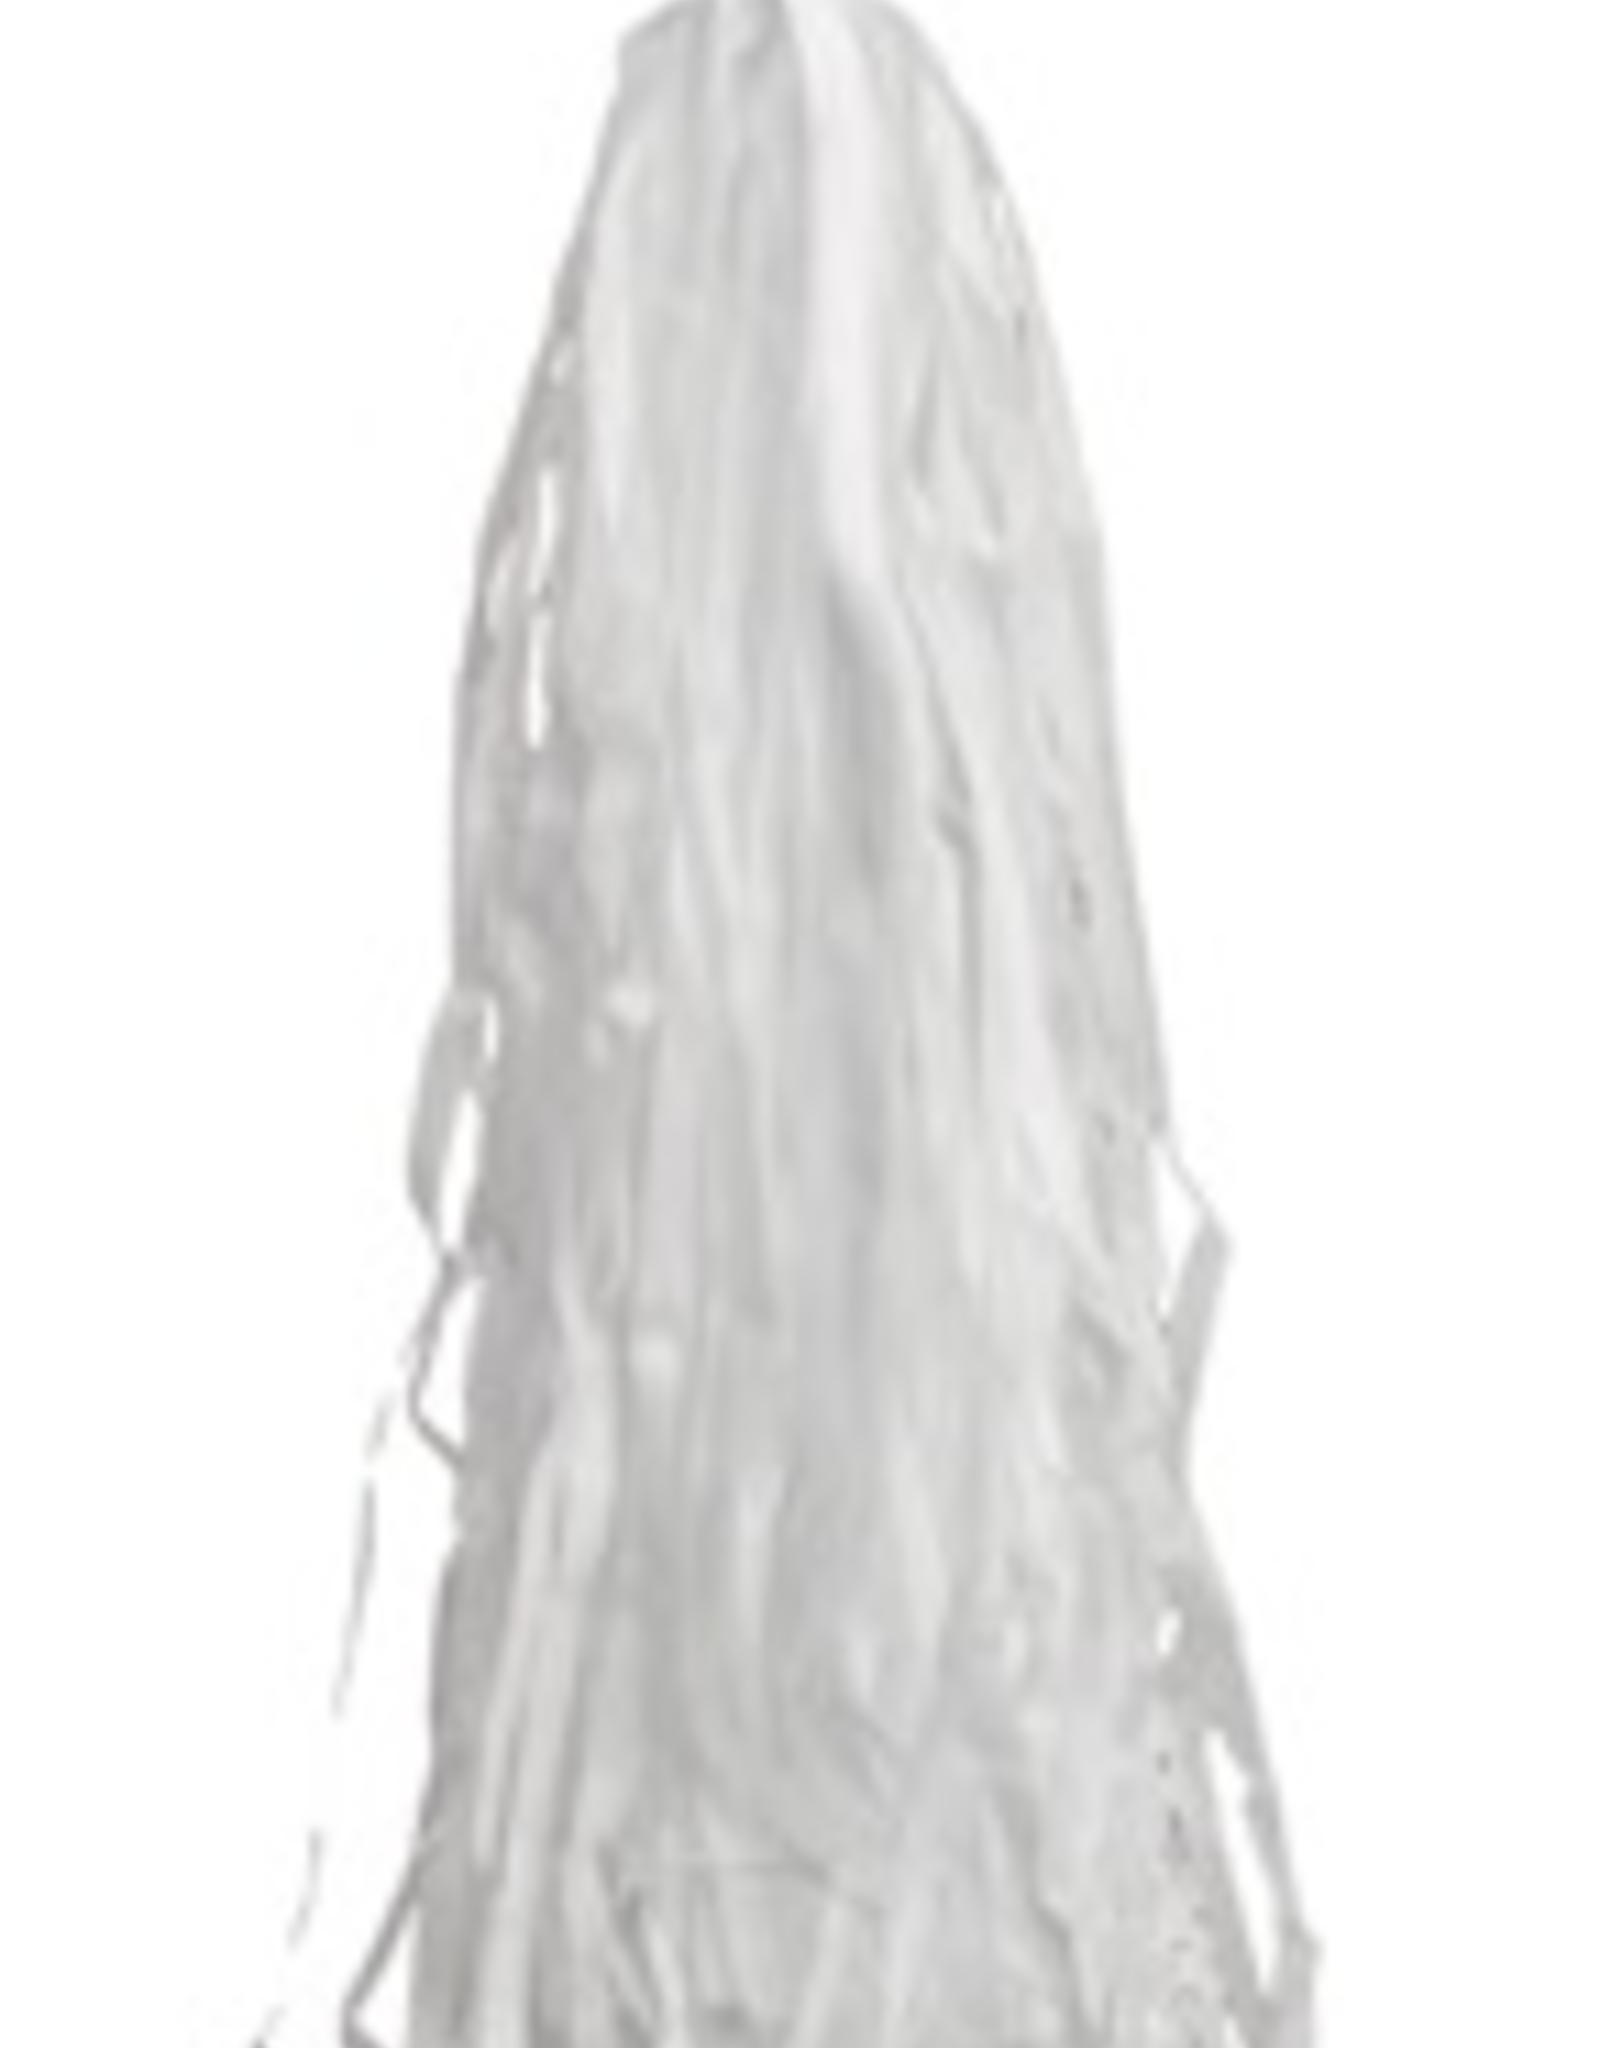 SunLite White handlebar streamers